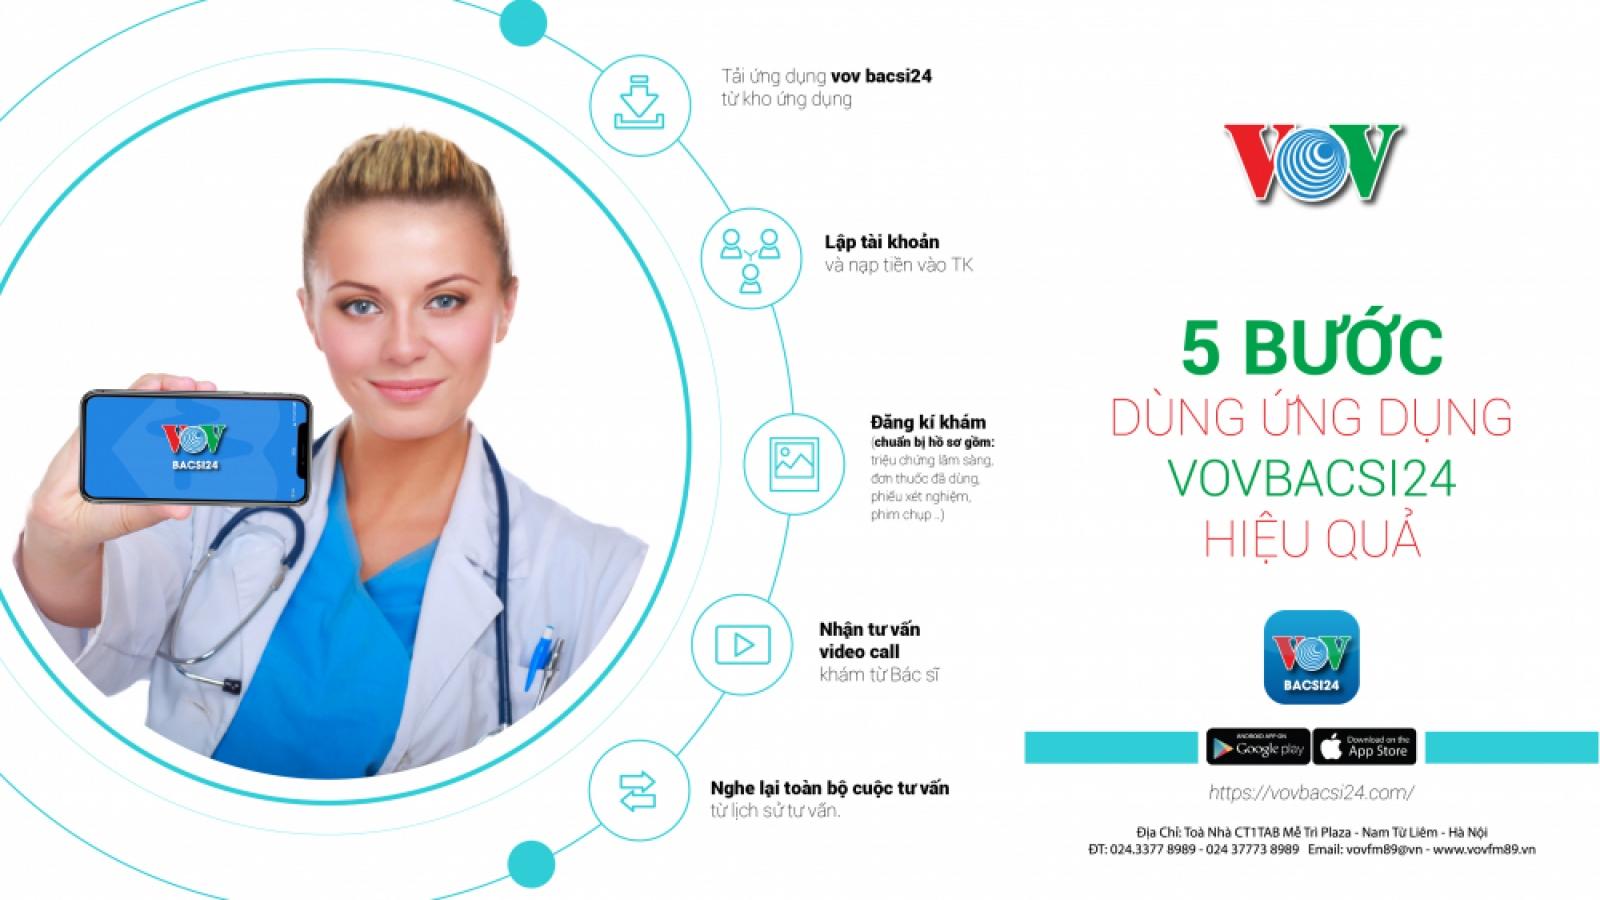 Hàng trăm bác sĩ chăm sóc sức khỏe một người dân